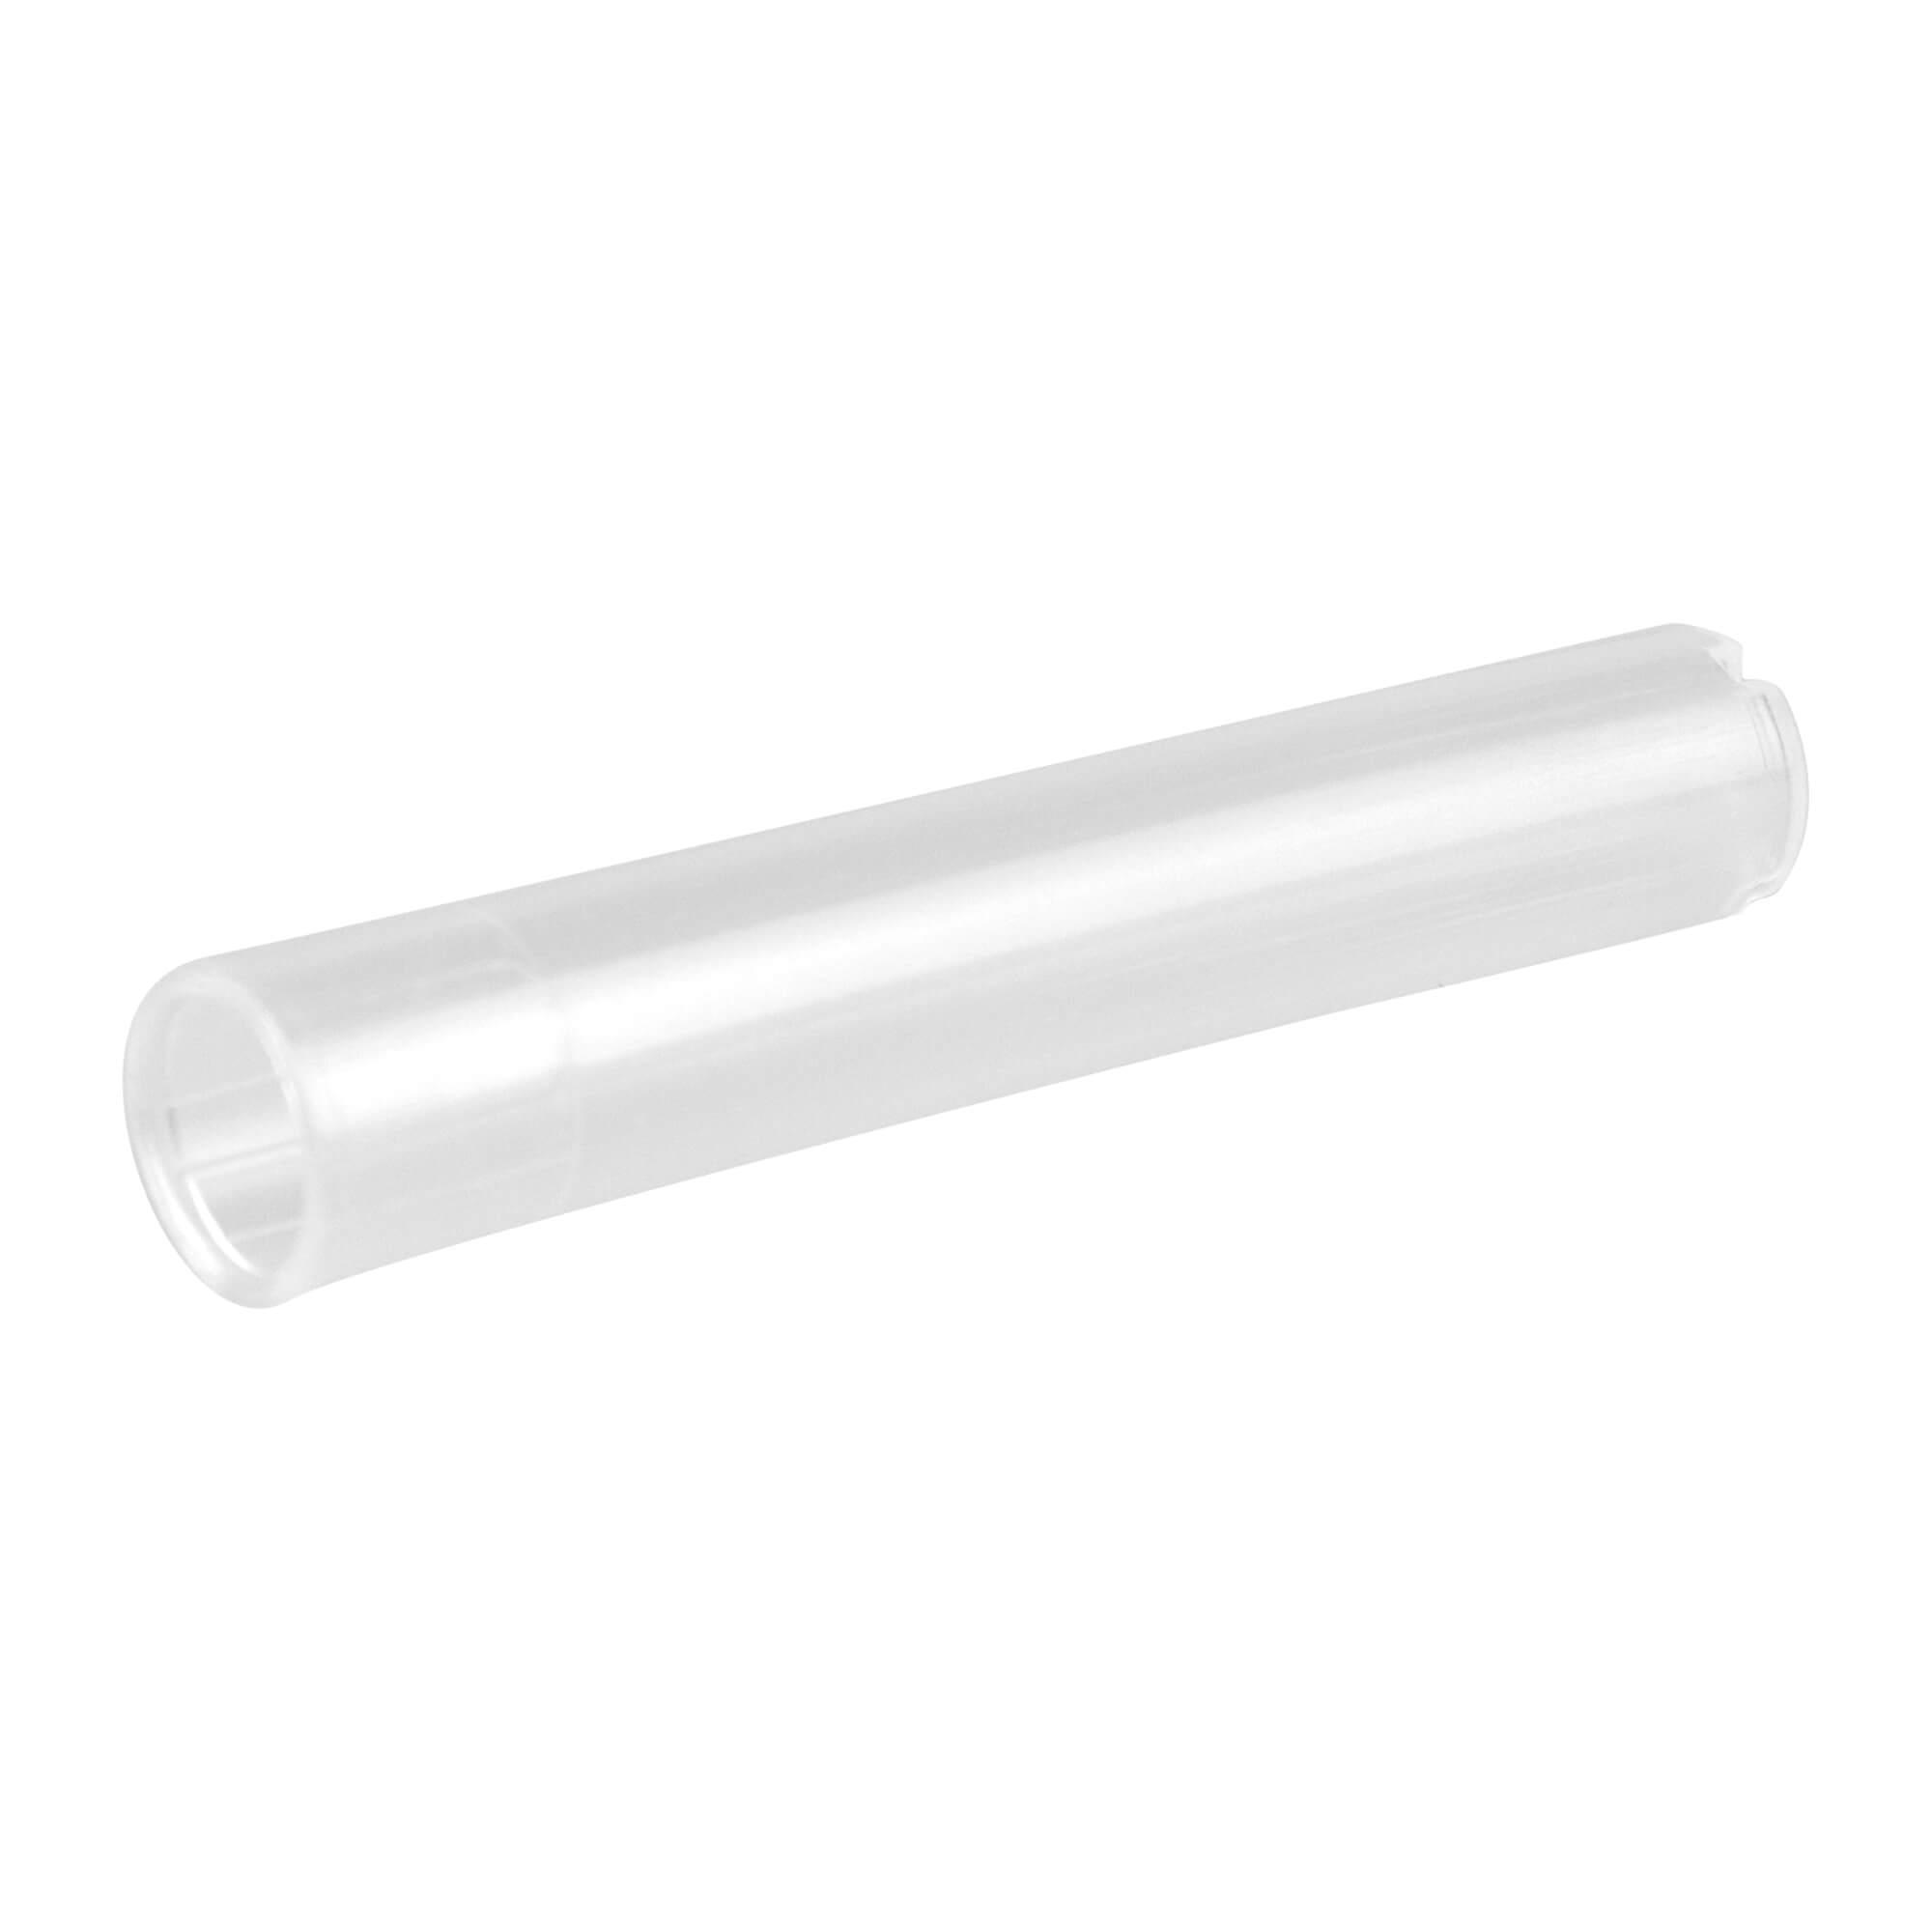 Tepe Schutzhülle für Zwischenraumbürste transparent